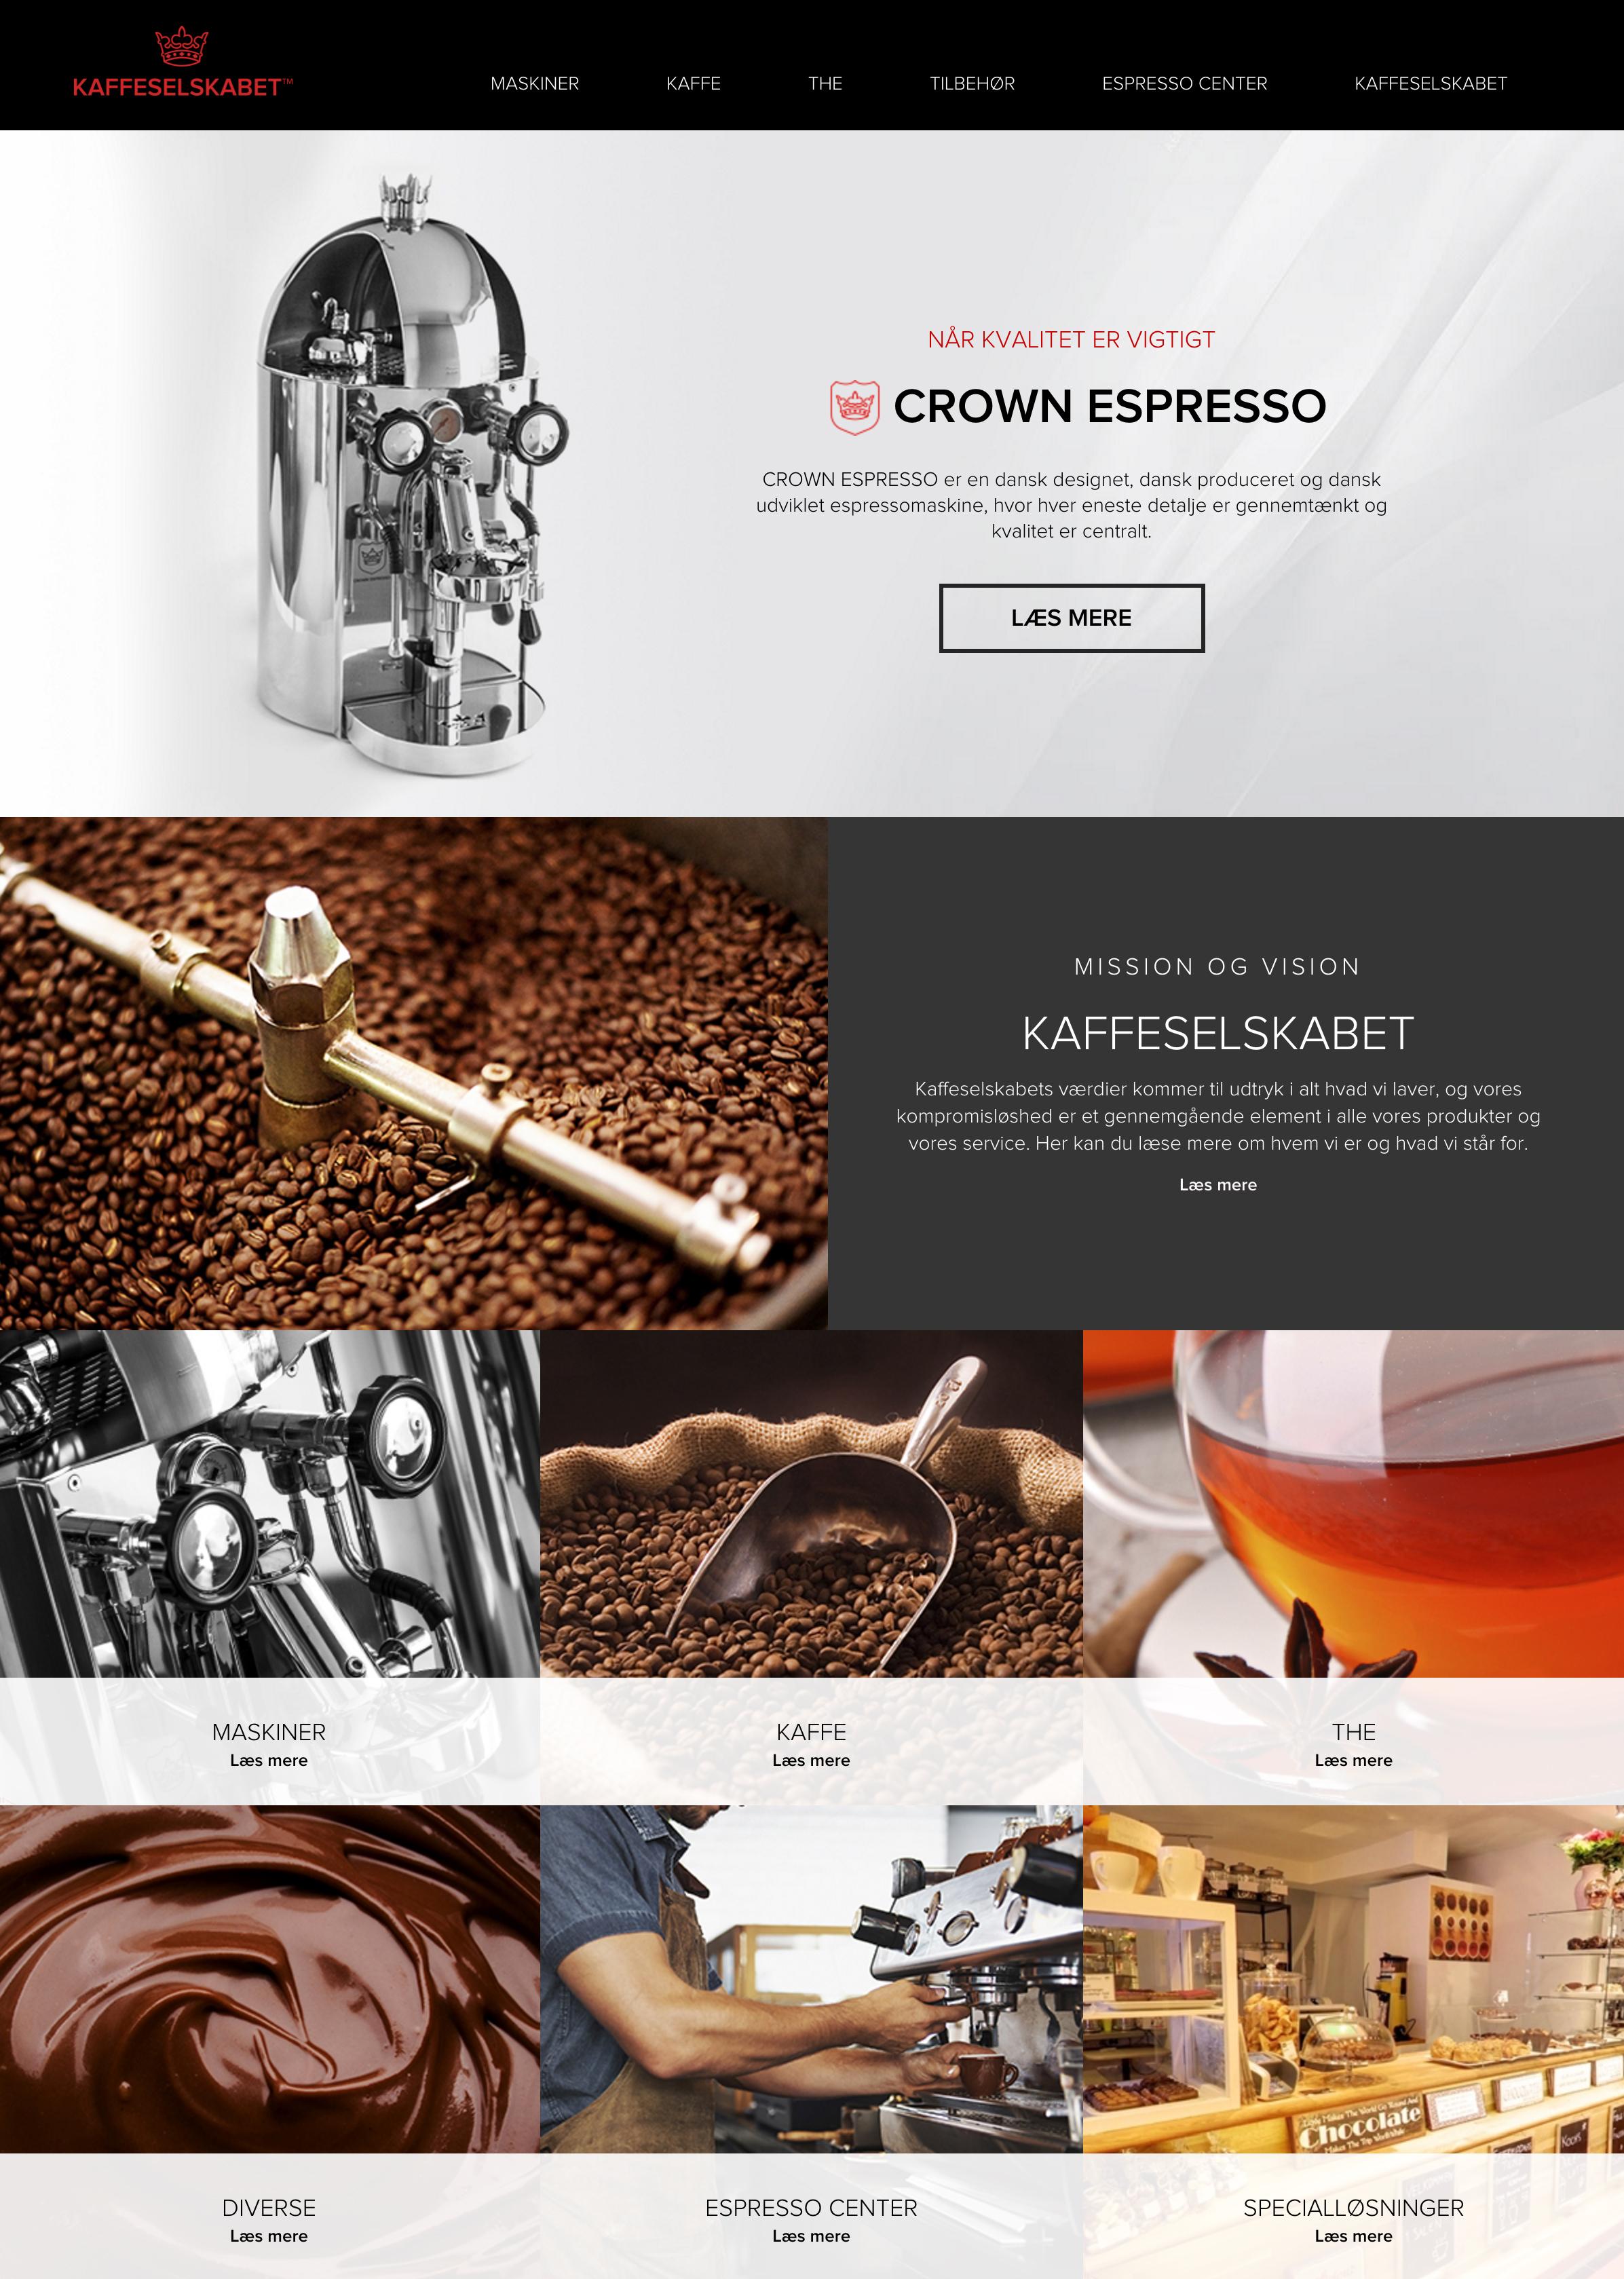 kaffeselskabet web.jpg